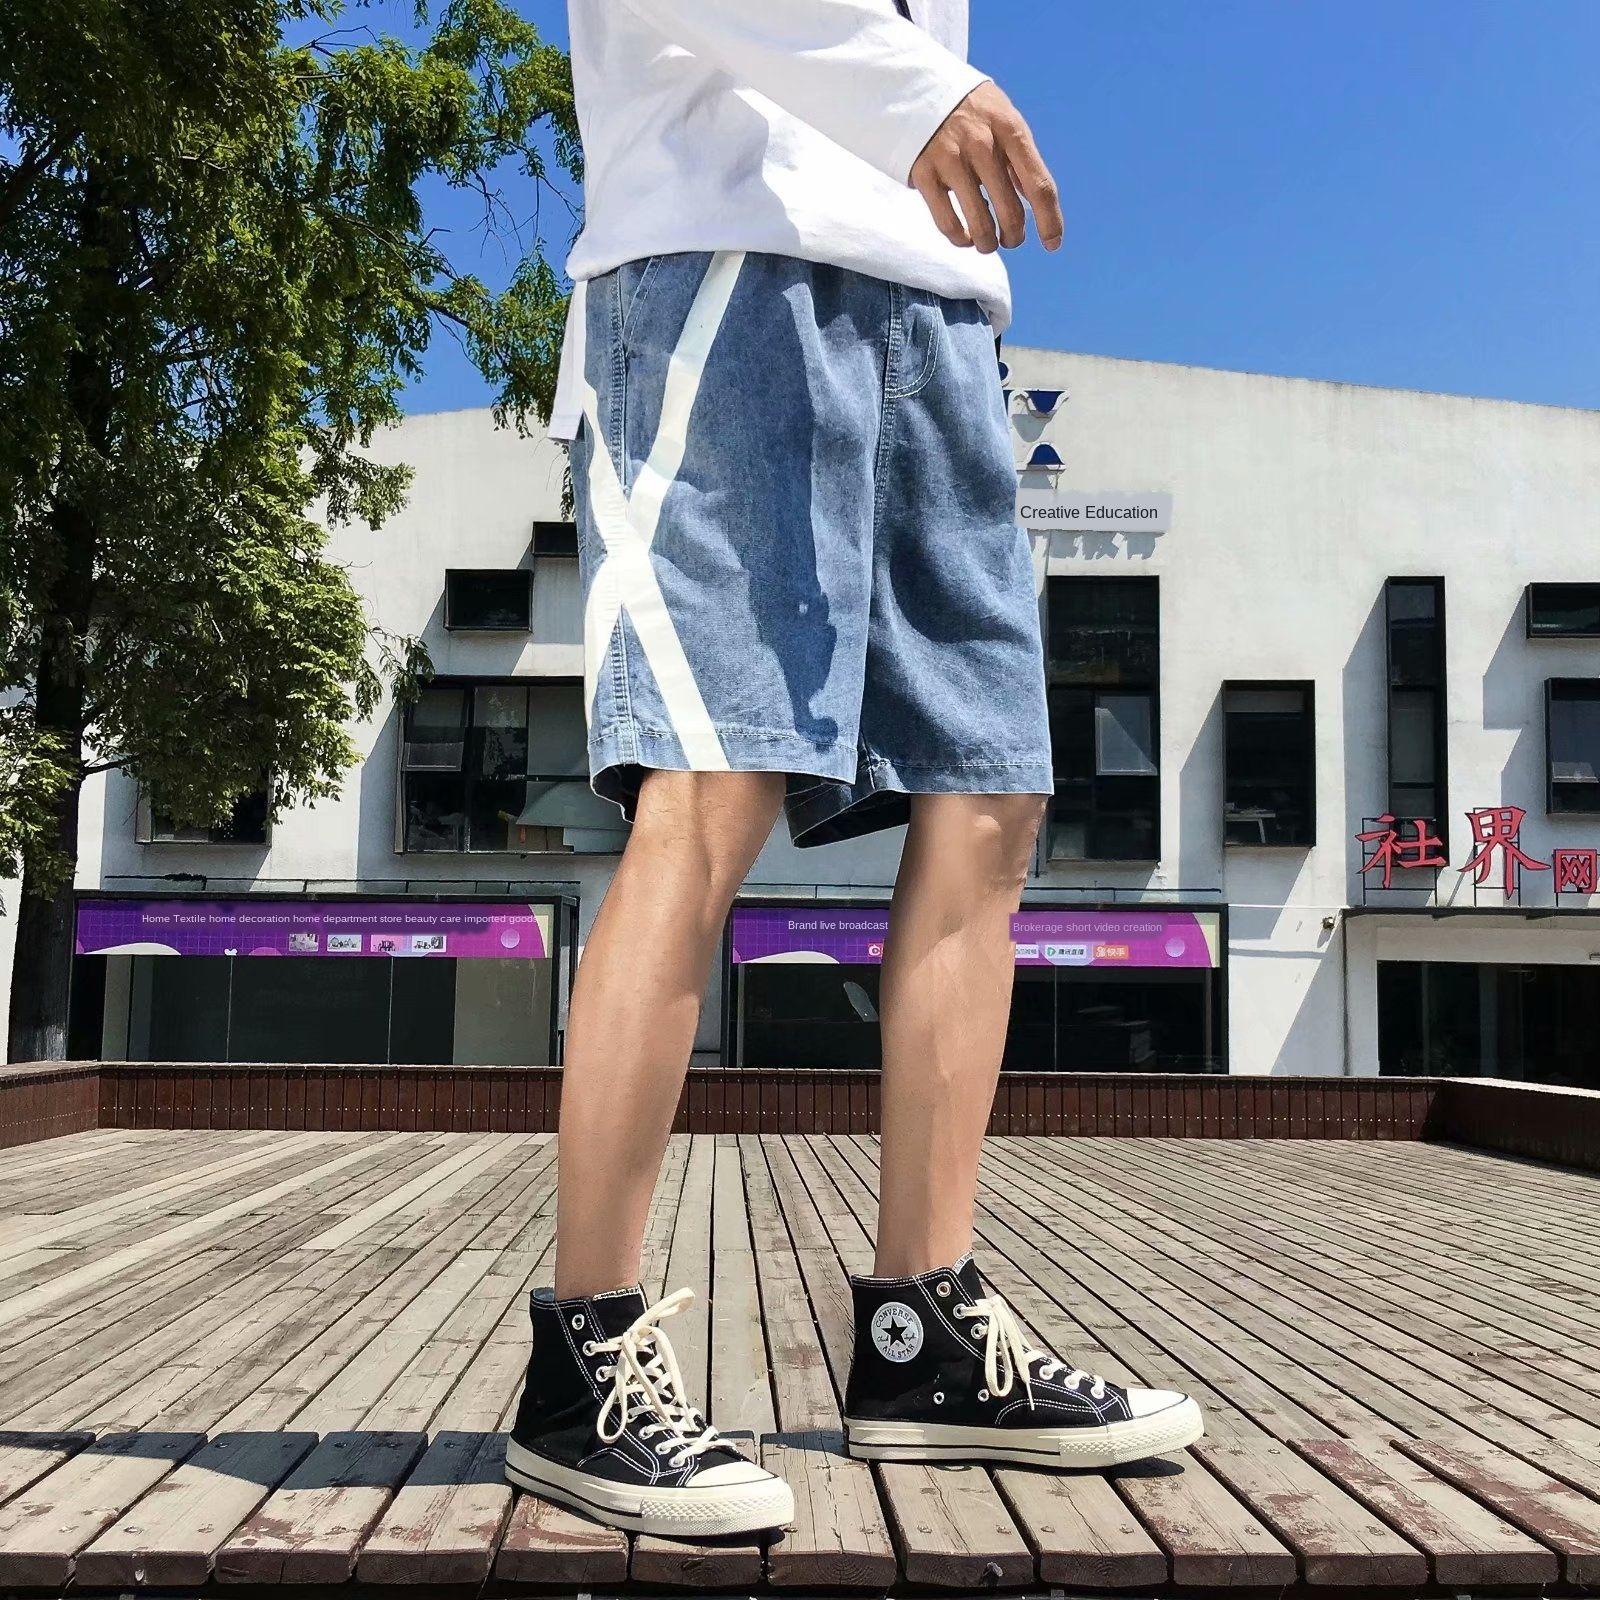 Awb8t kot ve şort trendi şort tüm maç gevşek düz Yaz erkek spor öğrenci pantolon erkek beş bölümlük pantolon